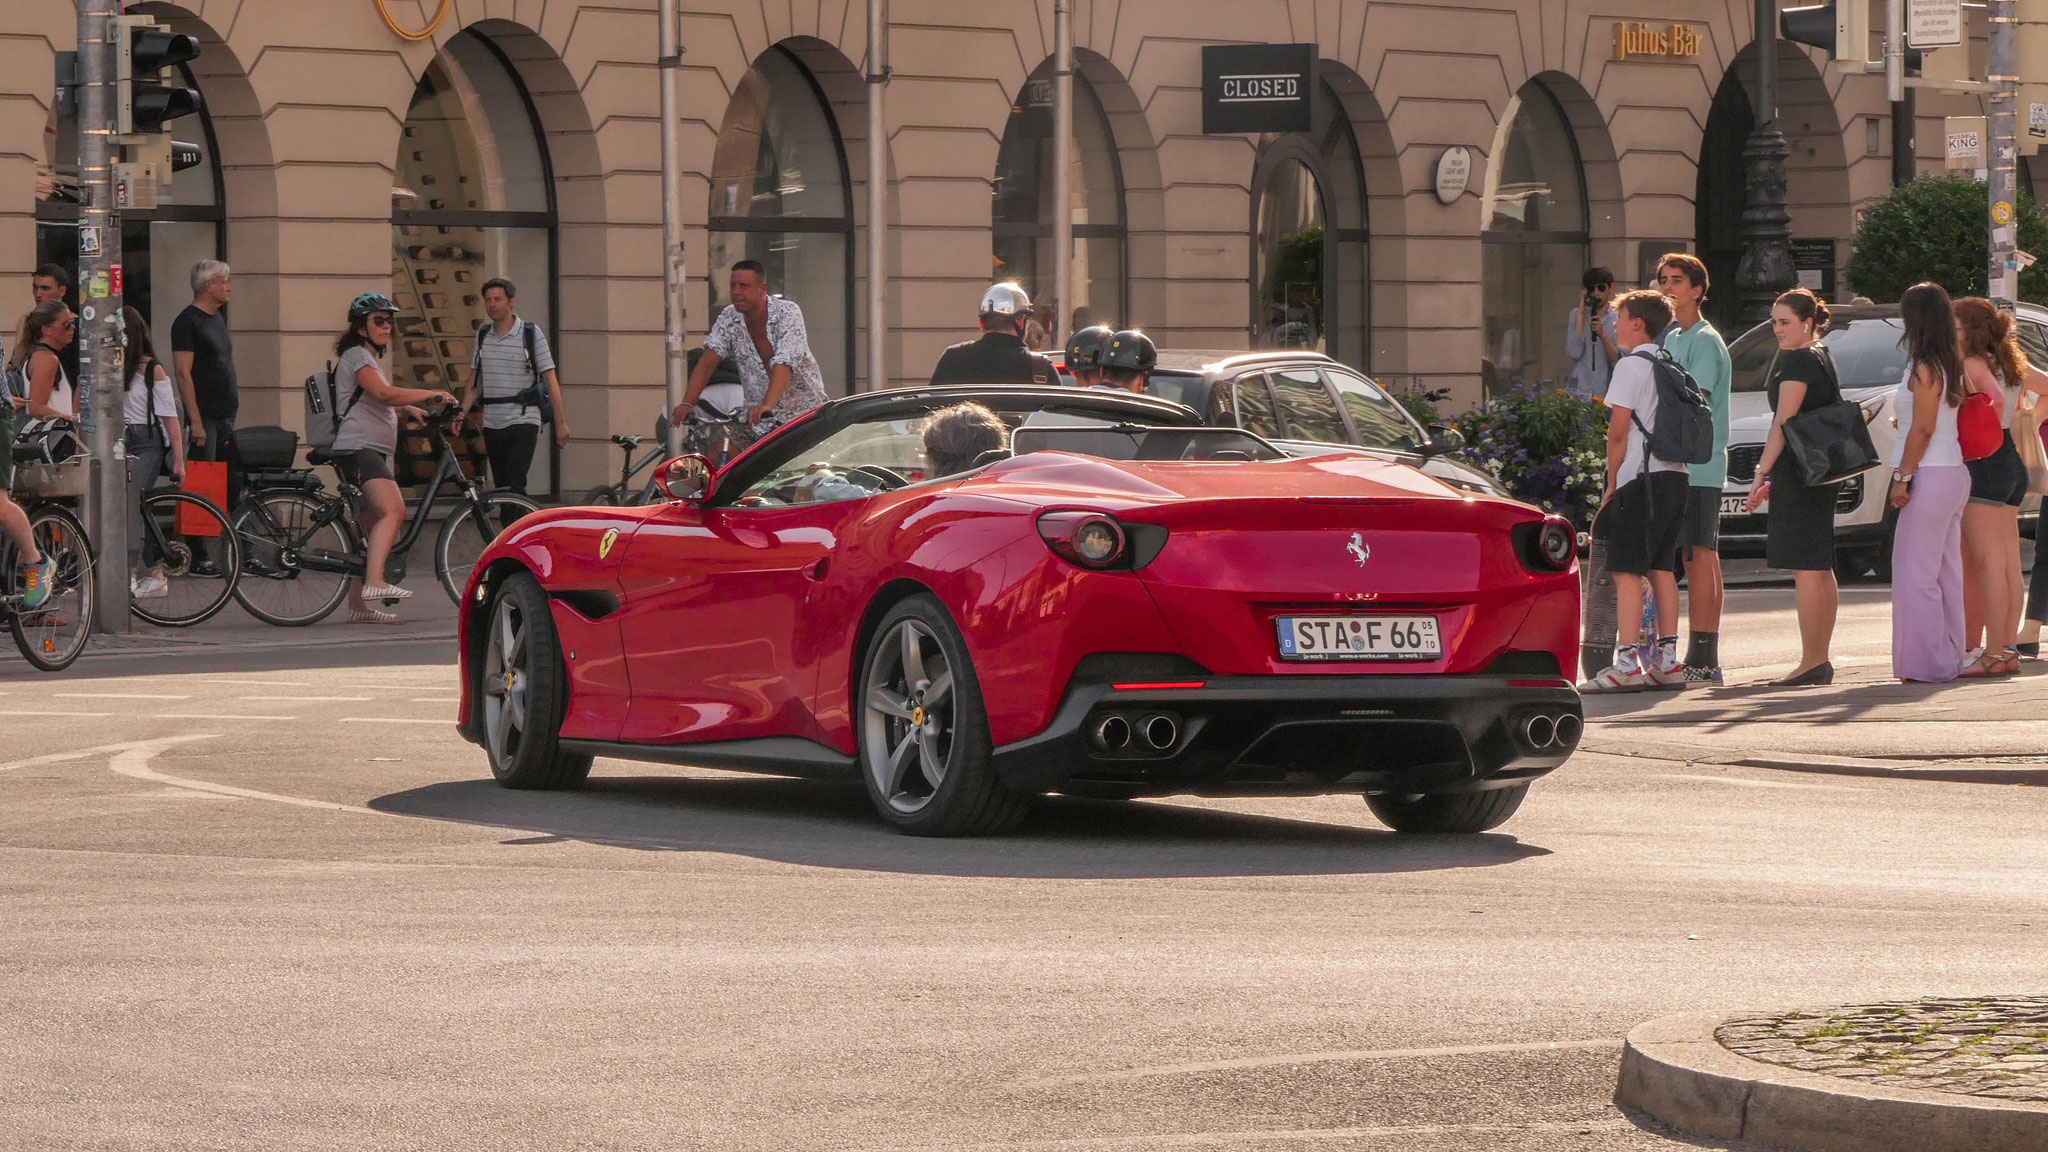 Ferrari Portofino - STA-F-66